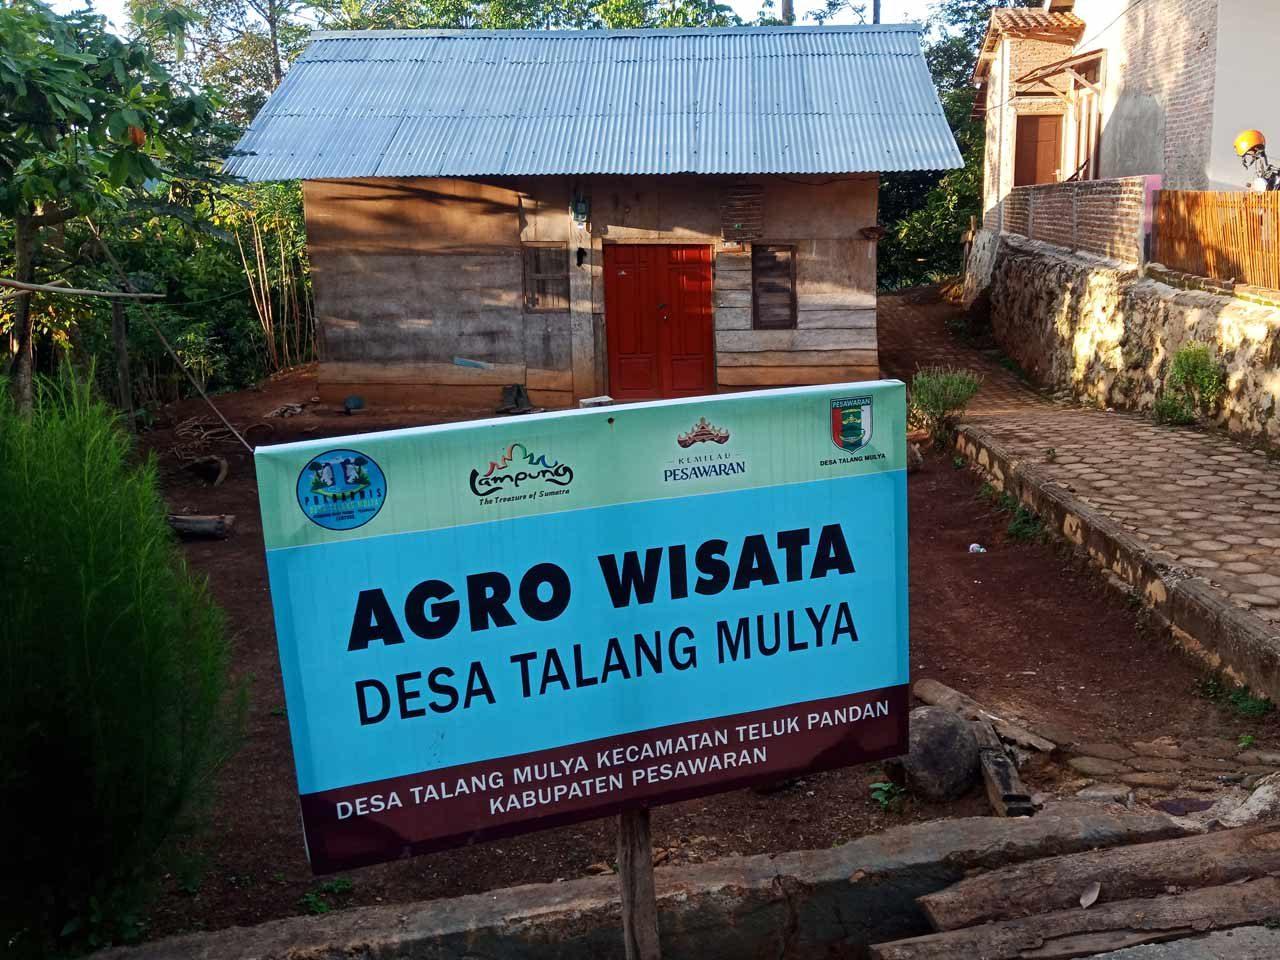 Agro Wisata Desa Talang Mulya